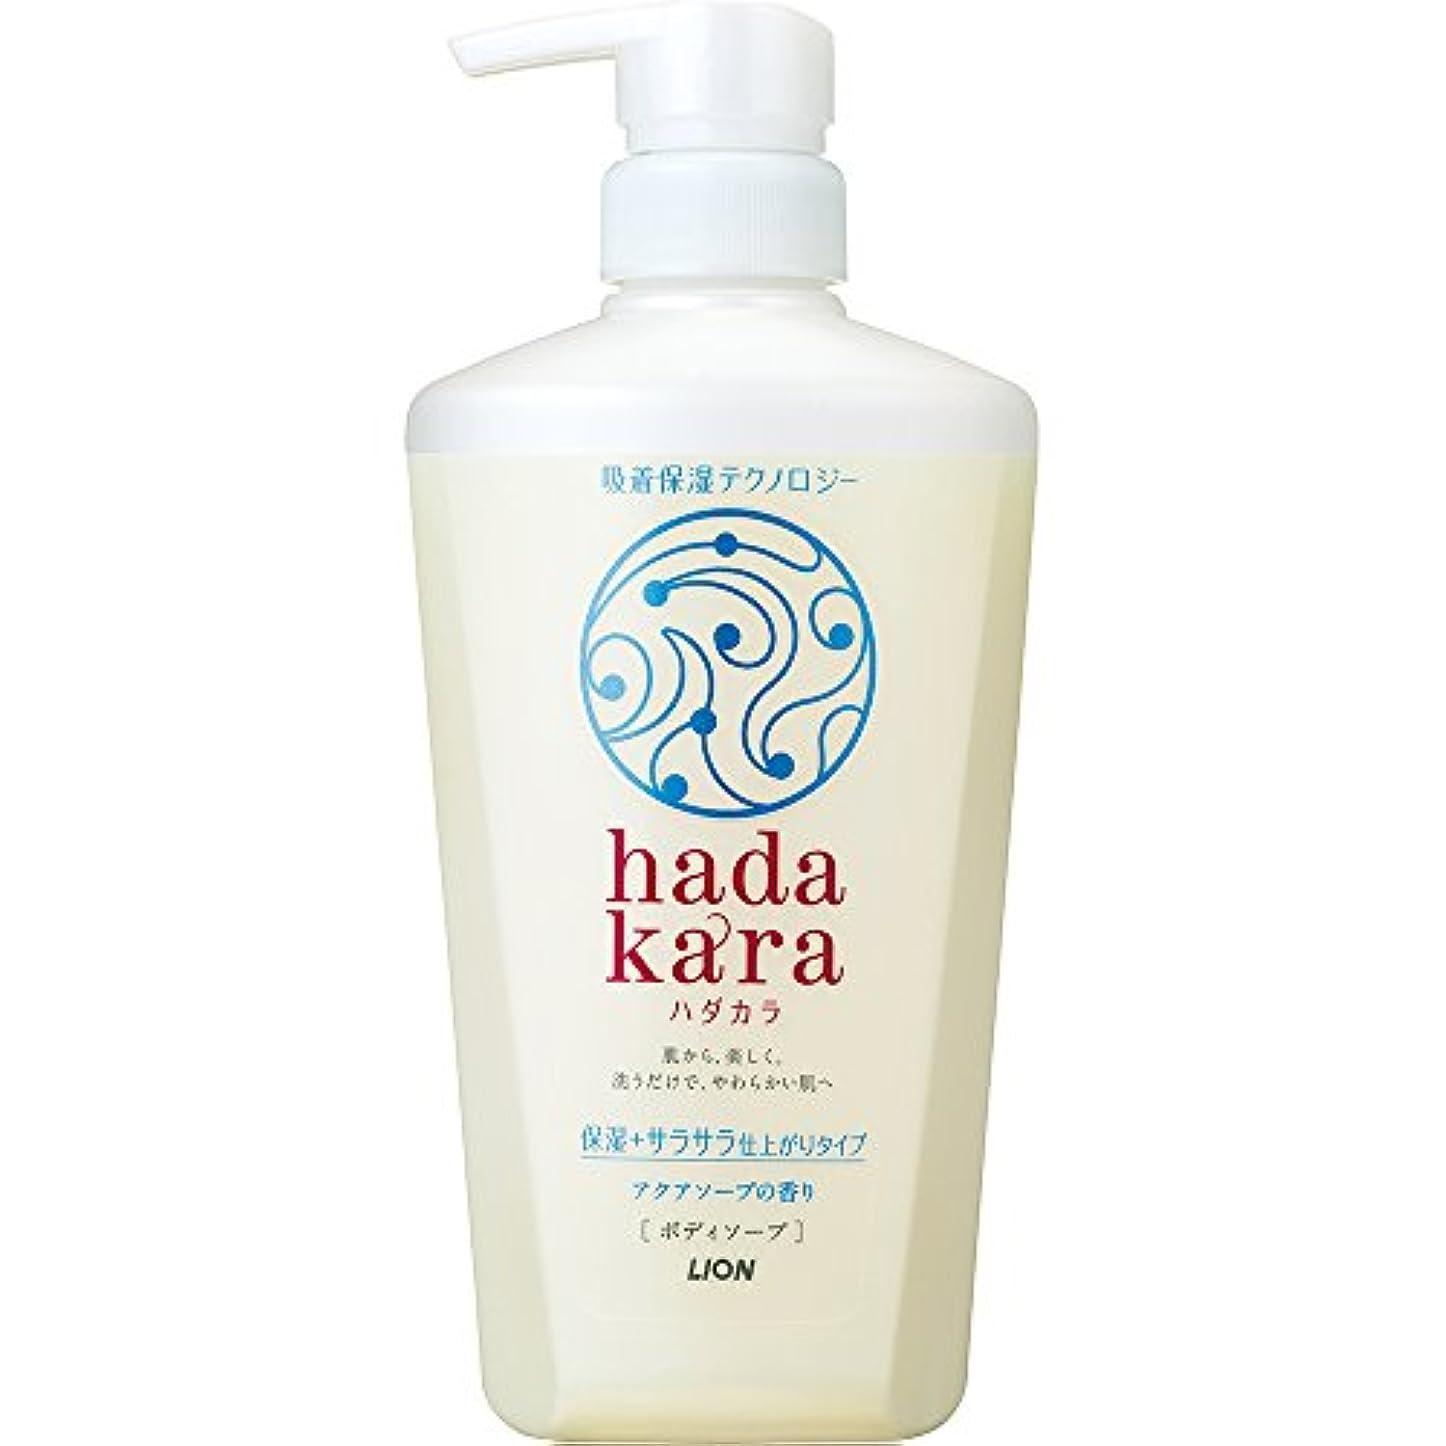 hadakara(ハダカラ) ボディソープ 保湿+サラサラ仕上がりタイプ アクアソープの香り 本体 480ml